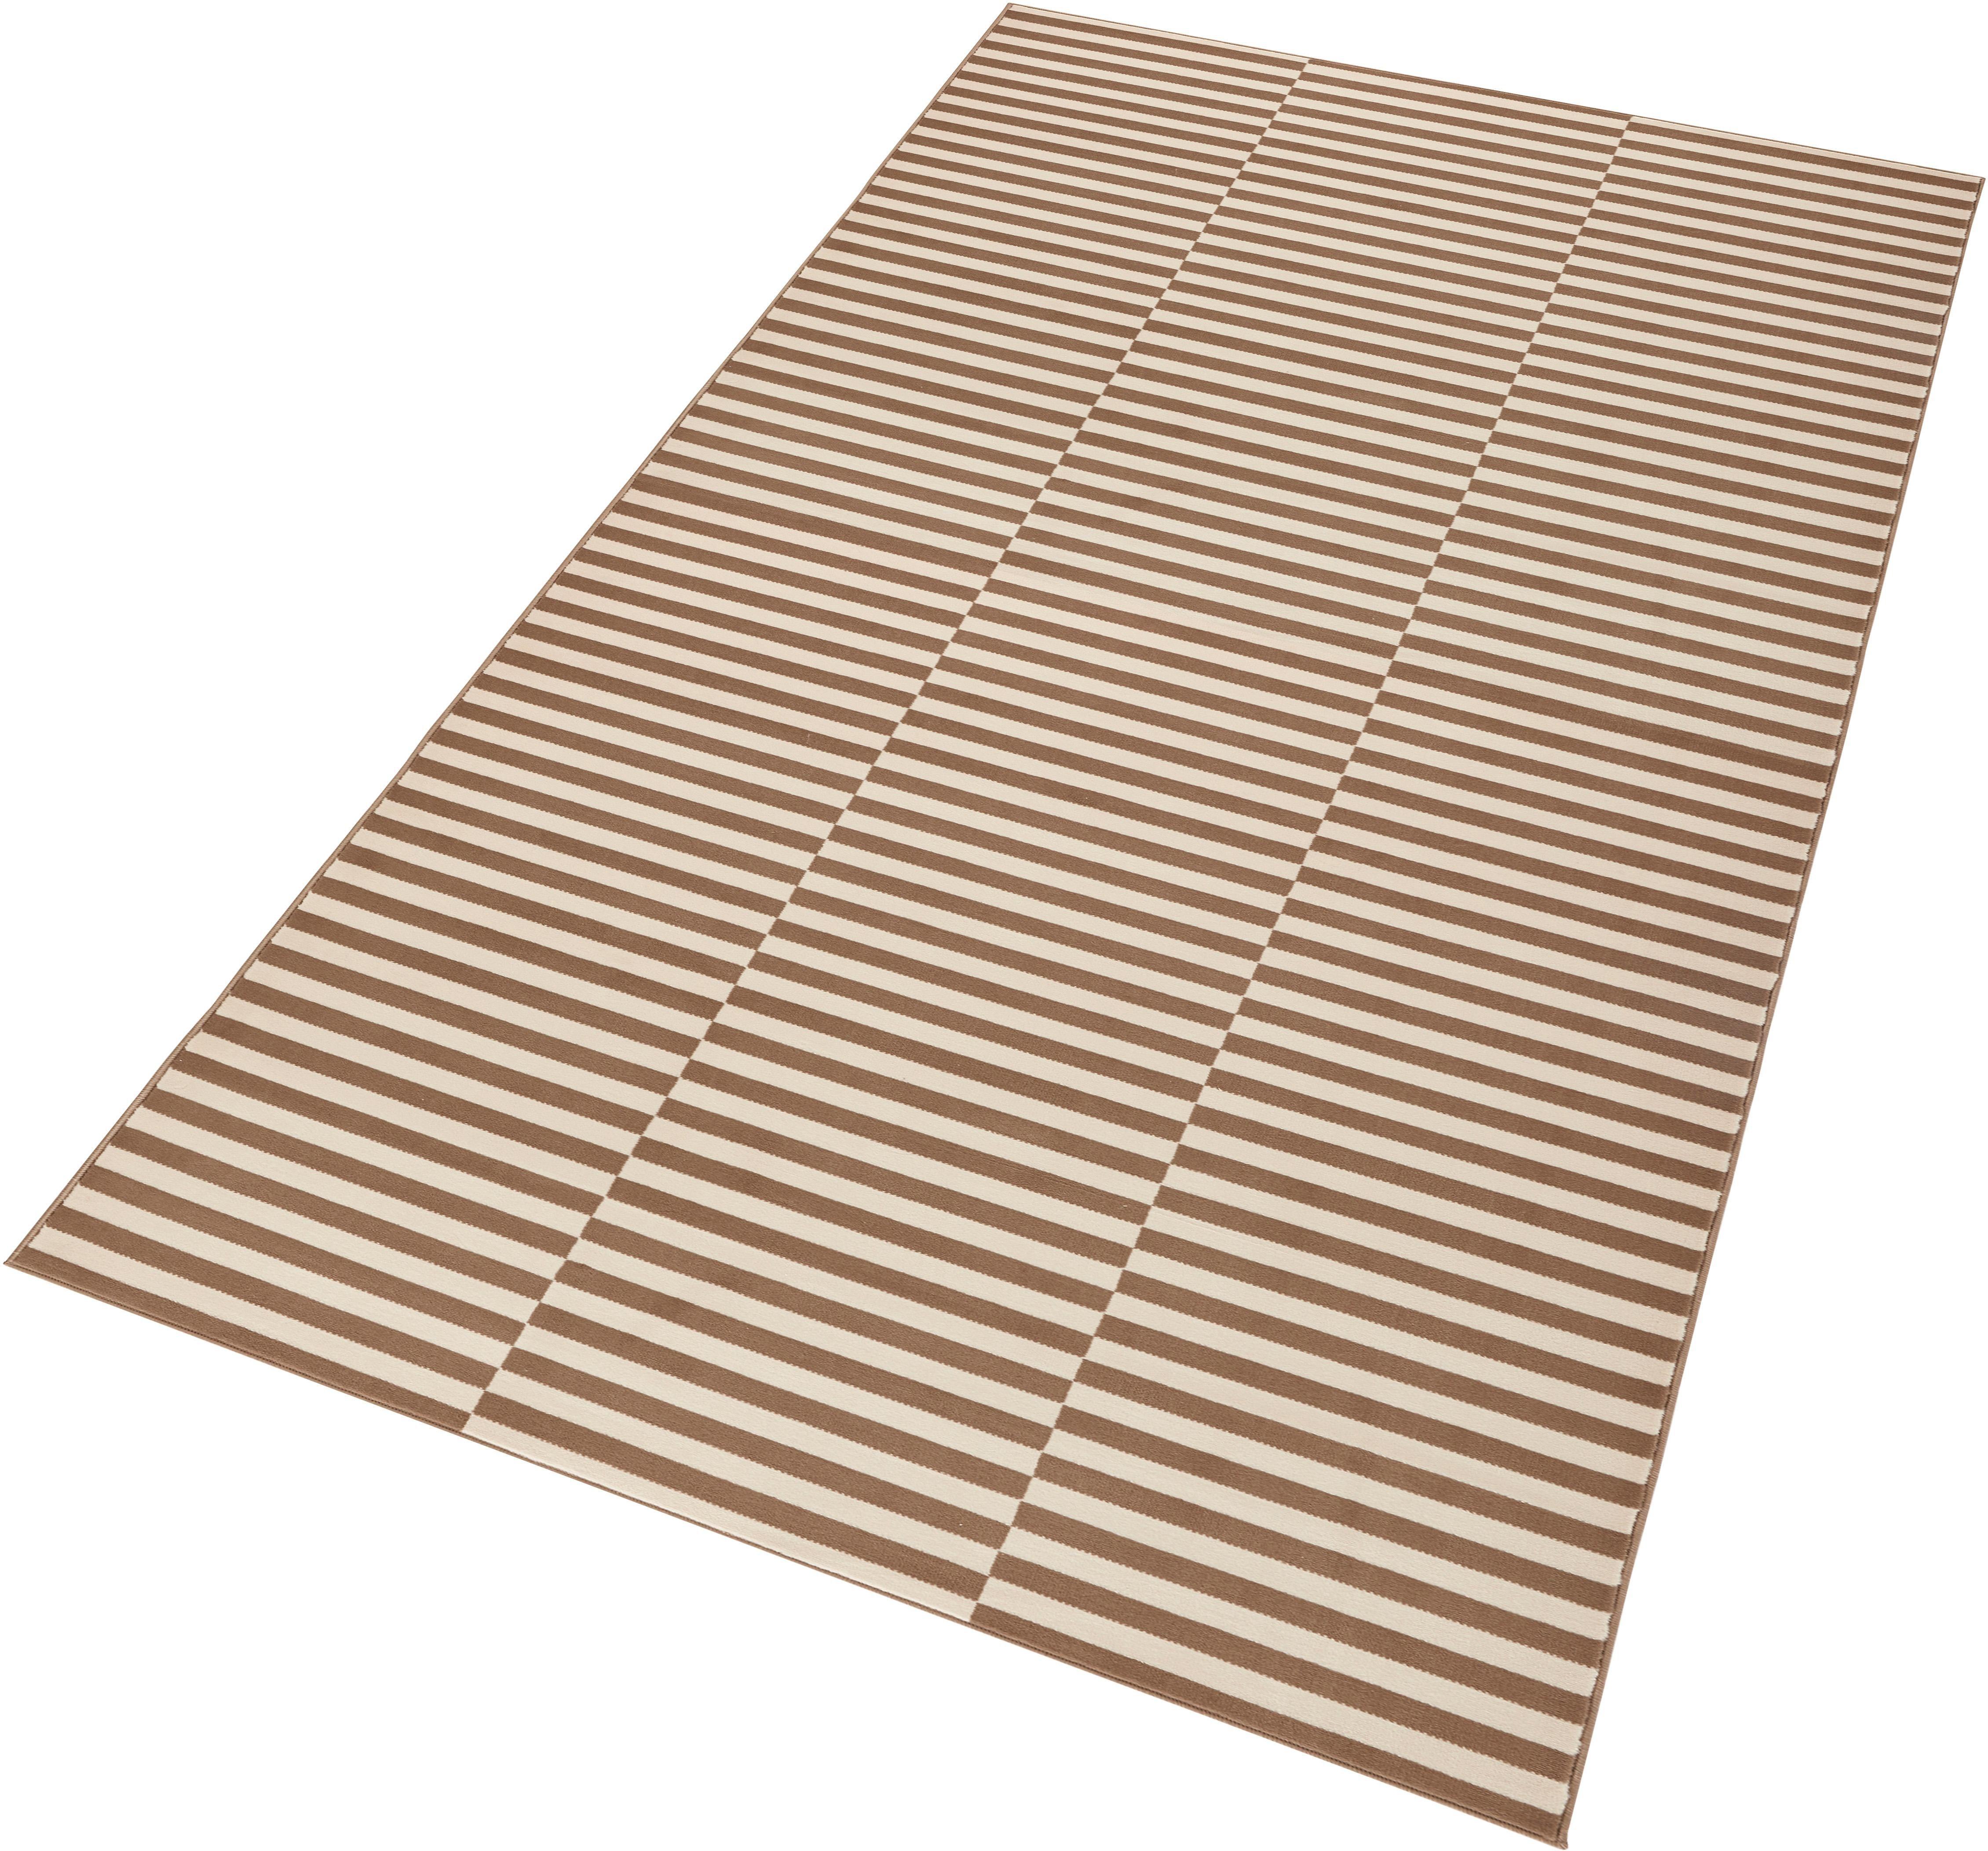 Läufer Panel HANSE Home rechteckig Höhe 9 mm maschinell gewebt